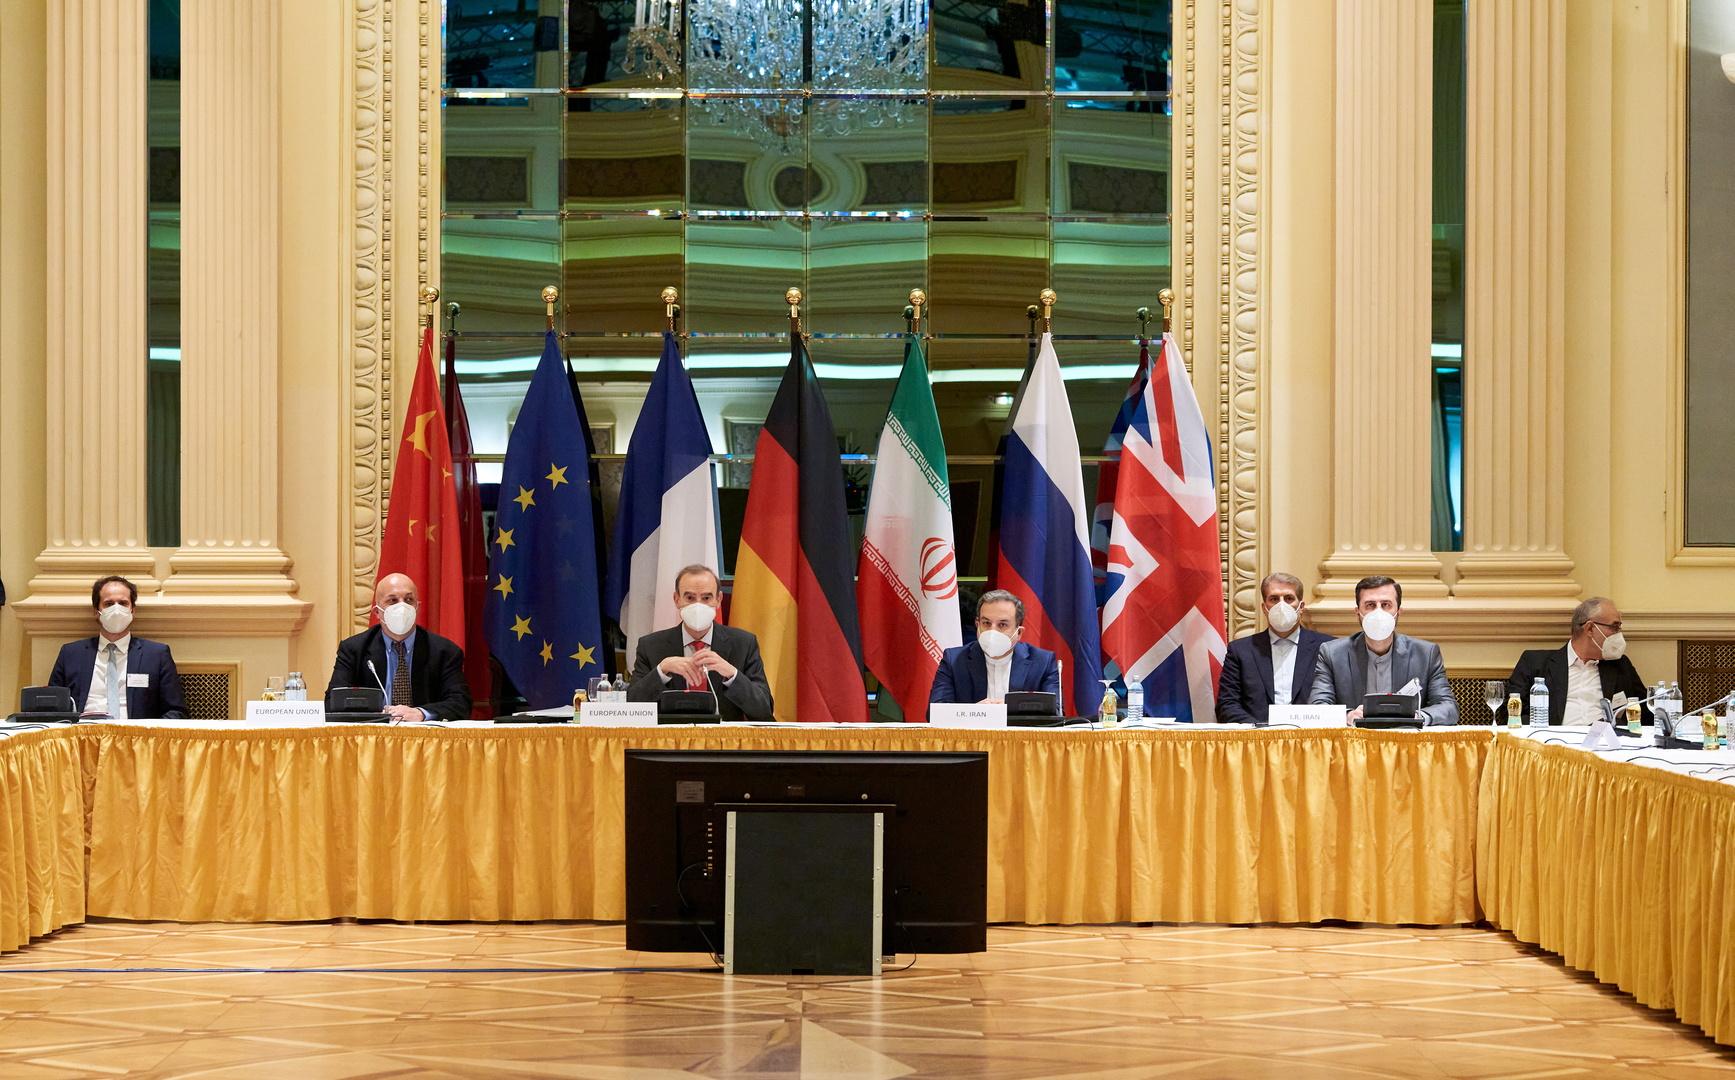 اجتماع اللجنة المشتركة لخطة العمل المشتركة الشاملة في فيينا بشأن الاتفاق النووي الإيراني